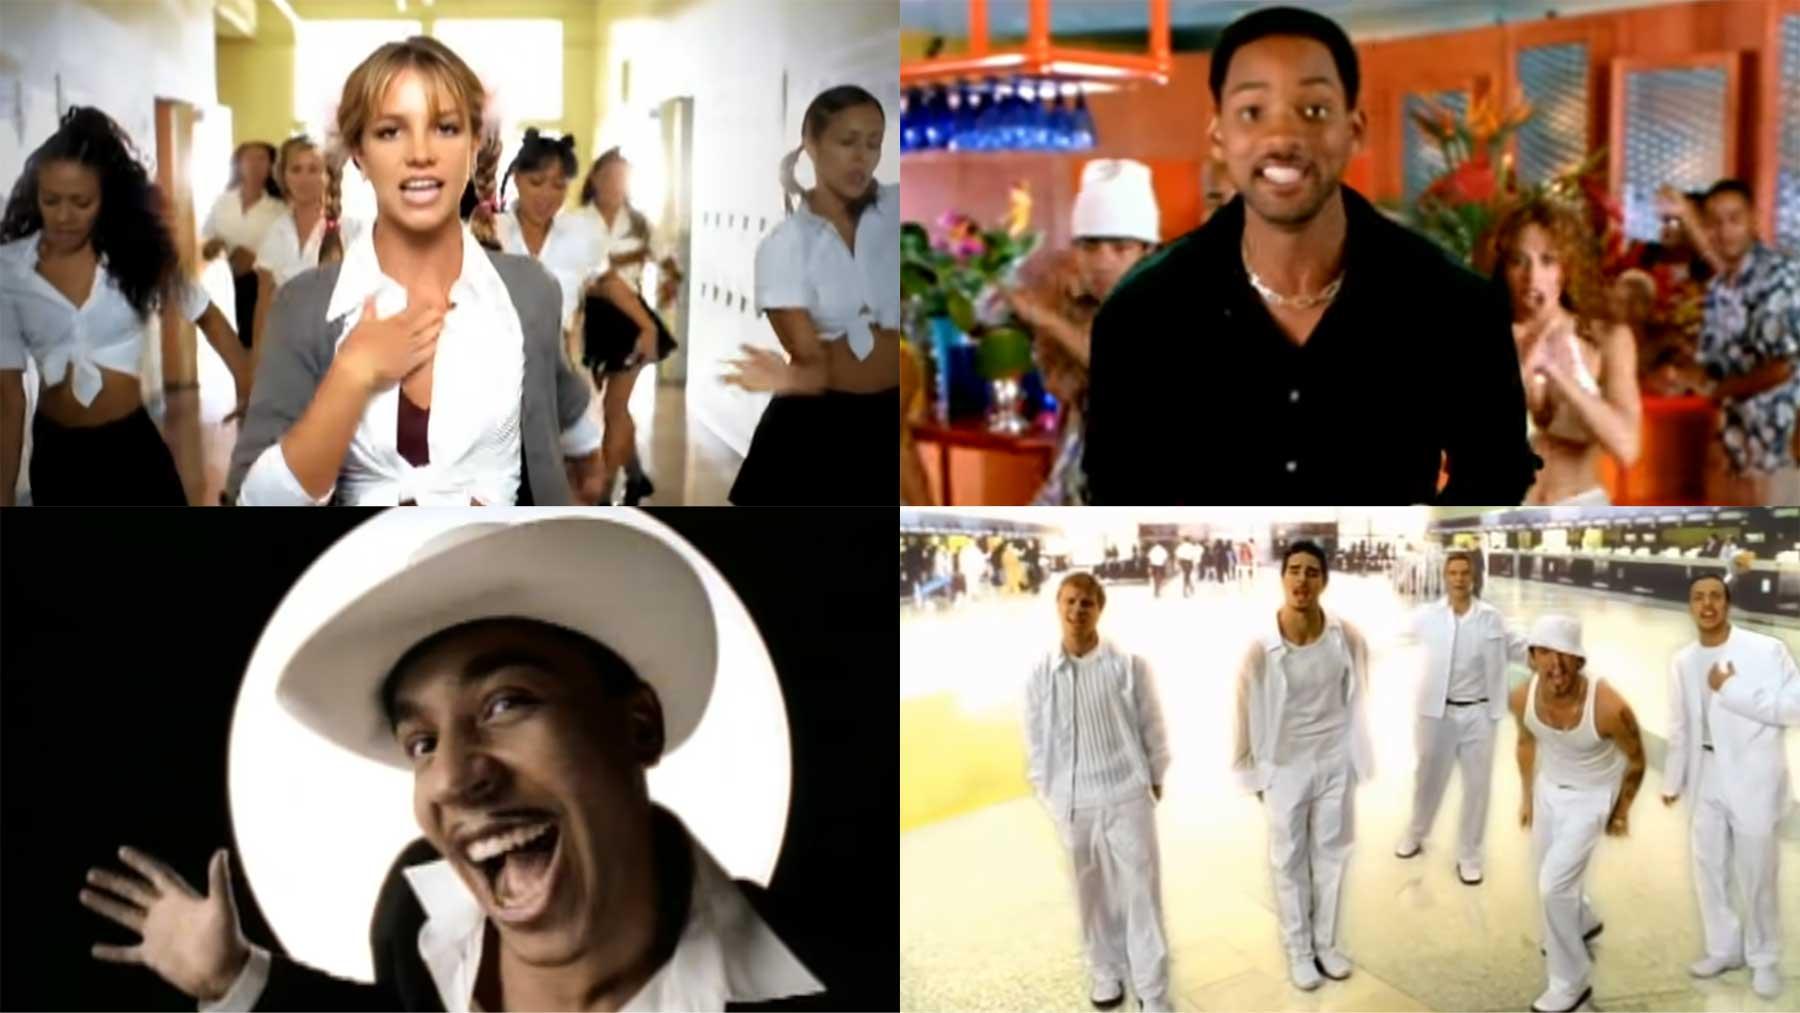 20 Jahre zurück: Musikvideos aus dem Jahr 1999